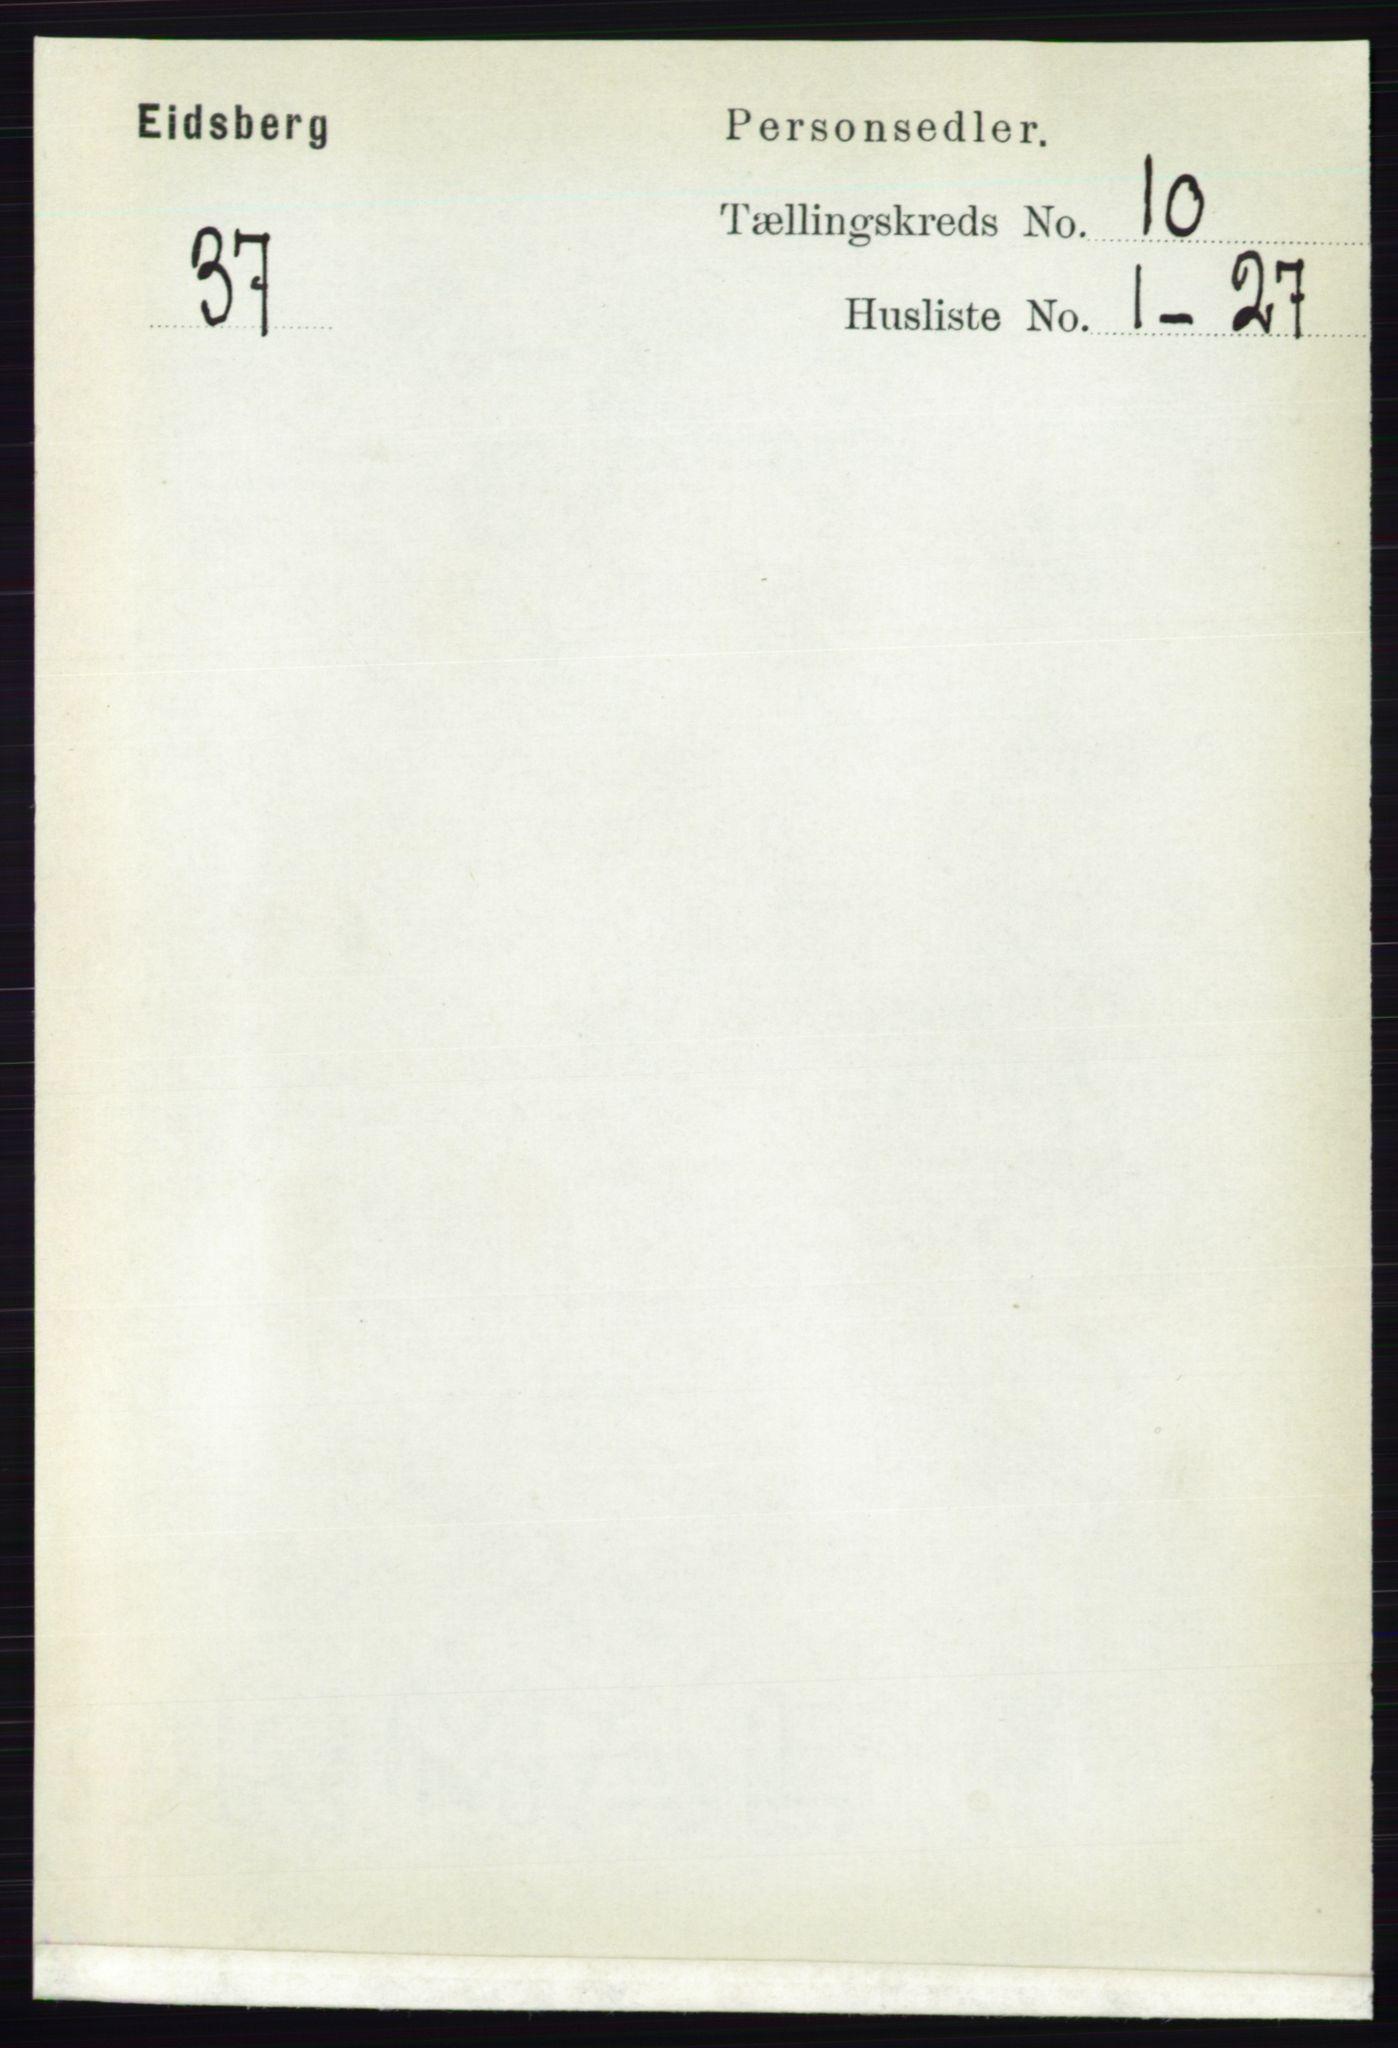 RA, Folketelling 1891 for 0125 Eidsberg herred, 1891, s. 5668